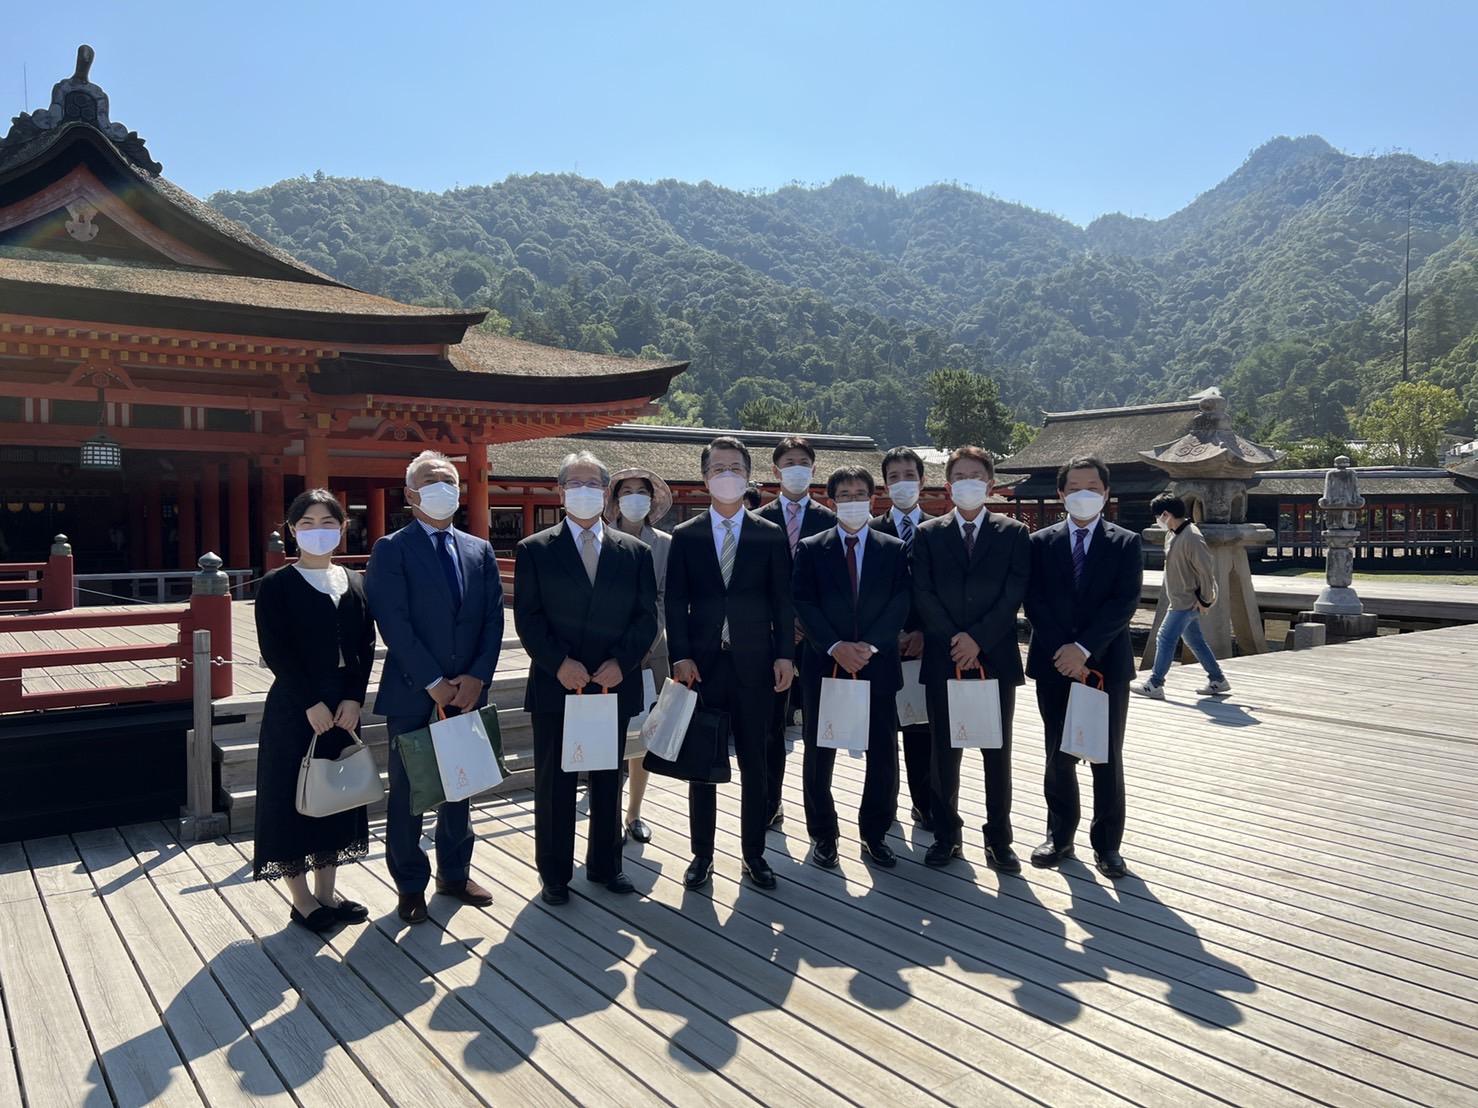 本年も宮島厳島神社で広島蒲鉾の献上祭